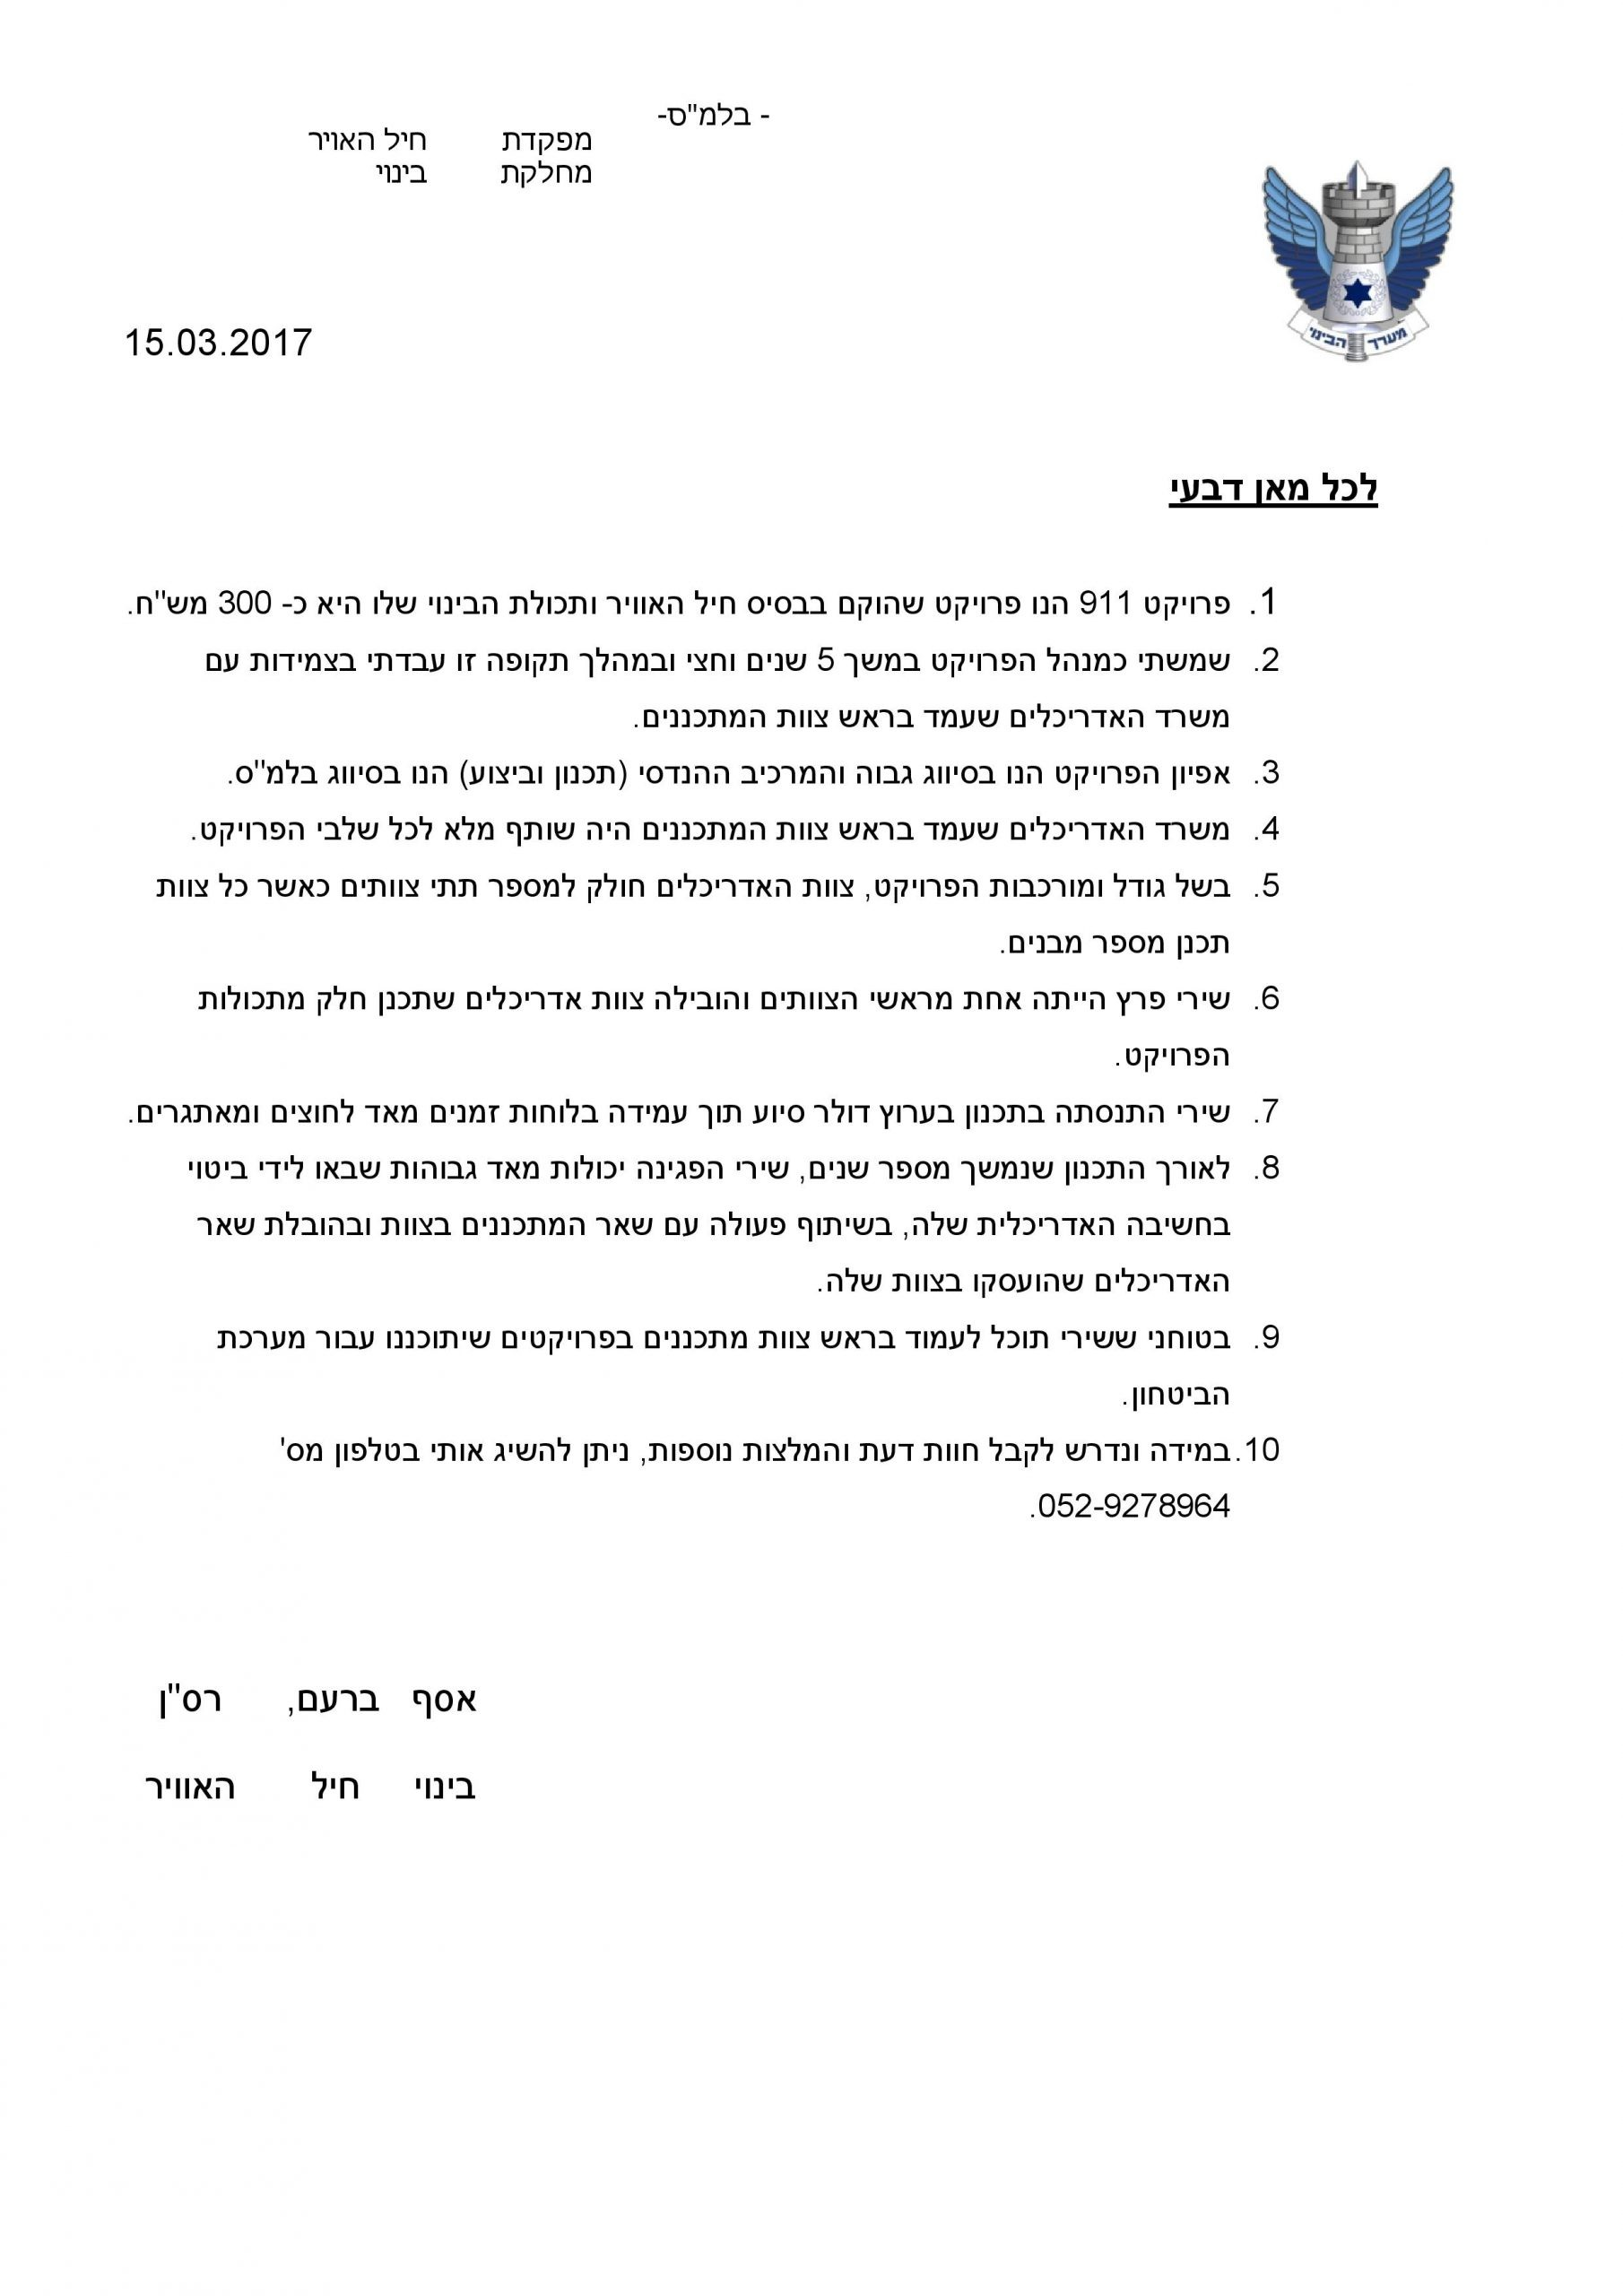 מכתב המלצה - אסף ברעם